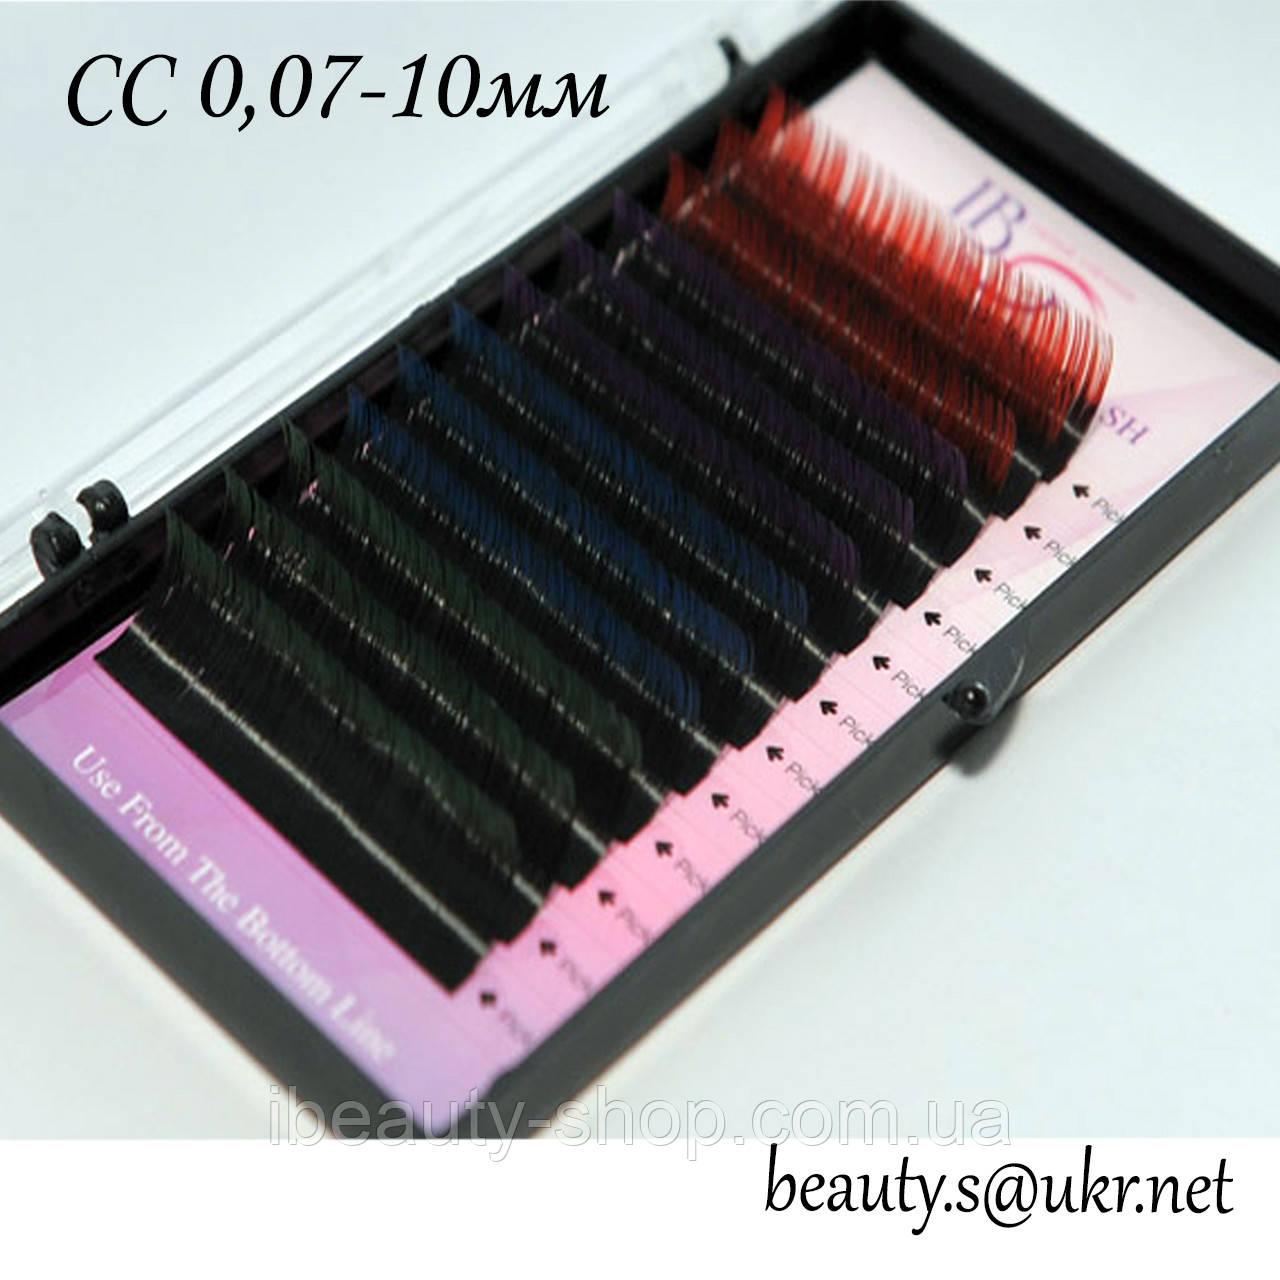 Ресницы I-Beauty, CC0,07-10мм,цветные концы,4 цвета